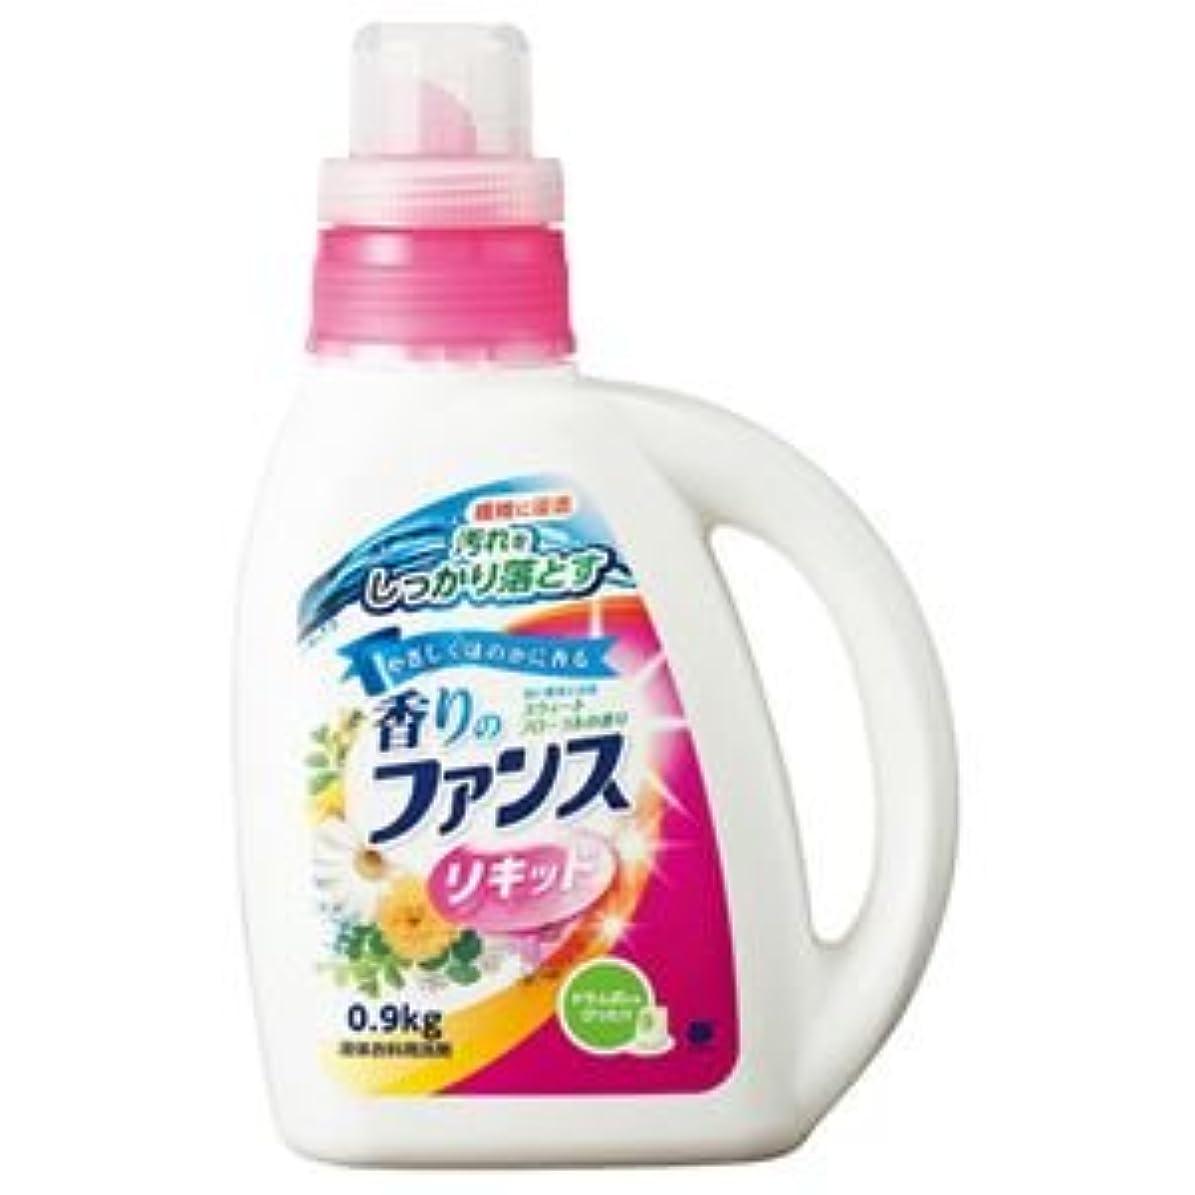 パット弁護士つかむ(まとめ) 第一石鹸 香りのファンス 液体衣料用洗剤リキッド 本体 0.9kg 1本 【×10セット】